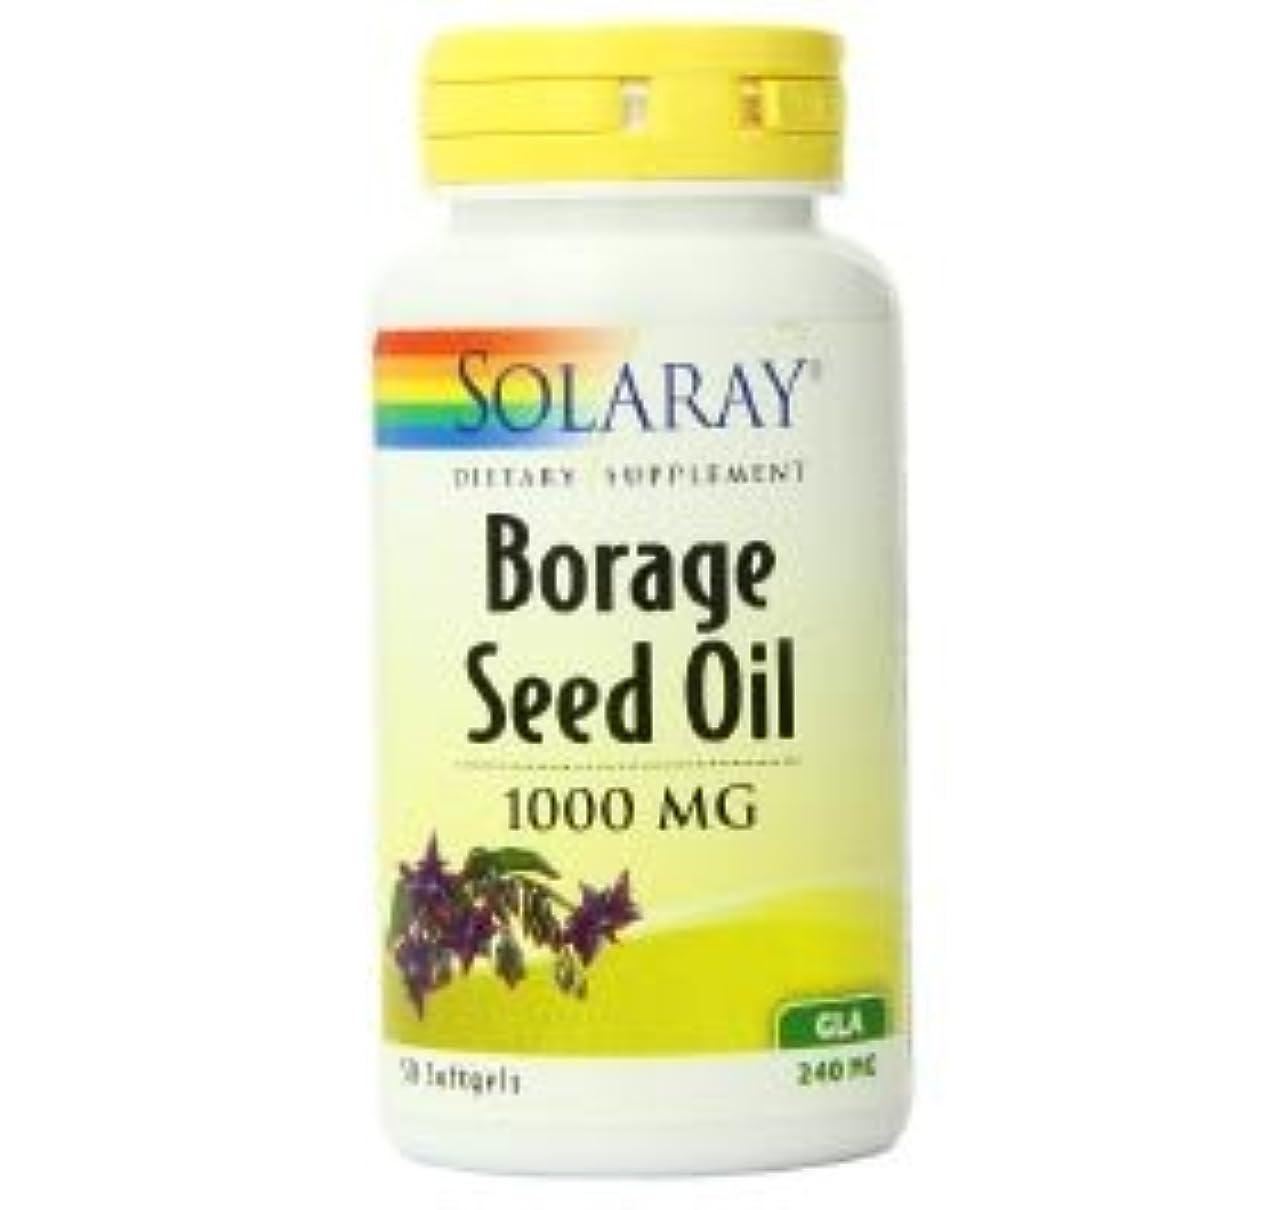 抑圧ブロック突き刺す【海外直送品】SOLARAY - Borage seed oil - 50softgel ボラージシードオイル